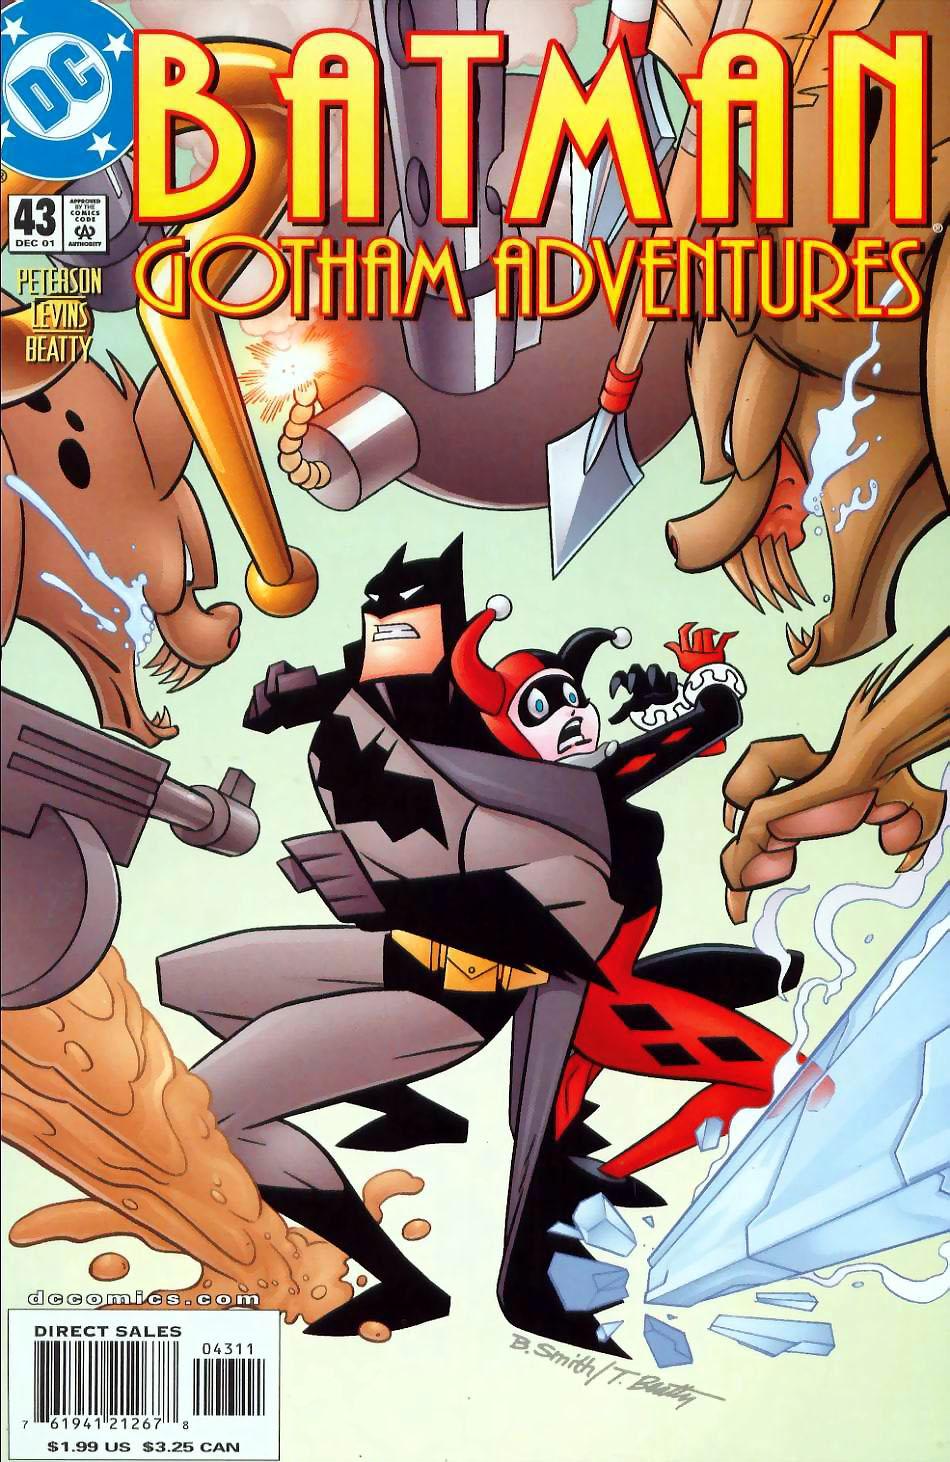 Batman: Gotham Adventures issue 43 - Page 1